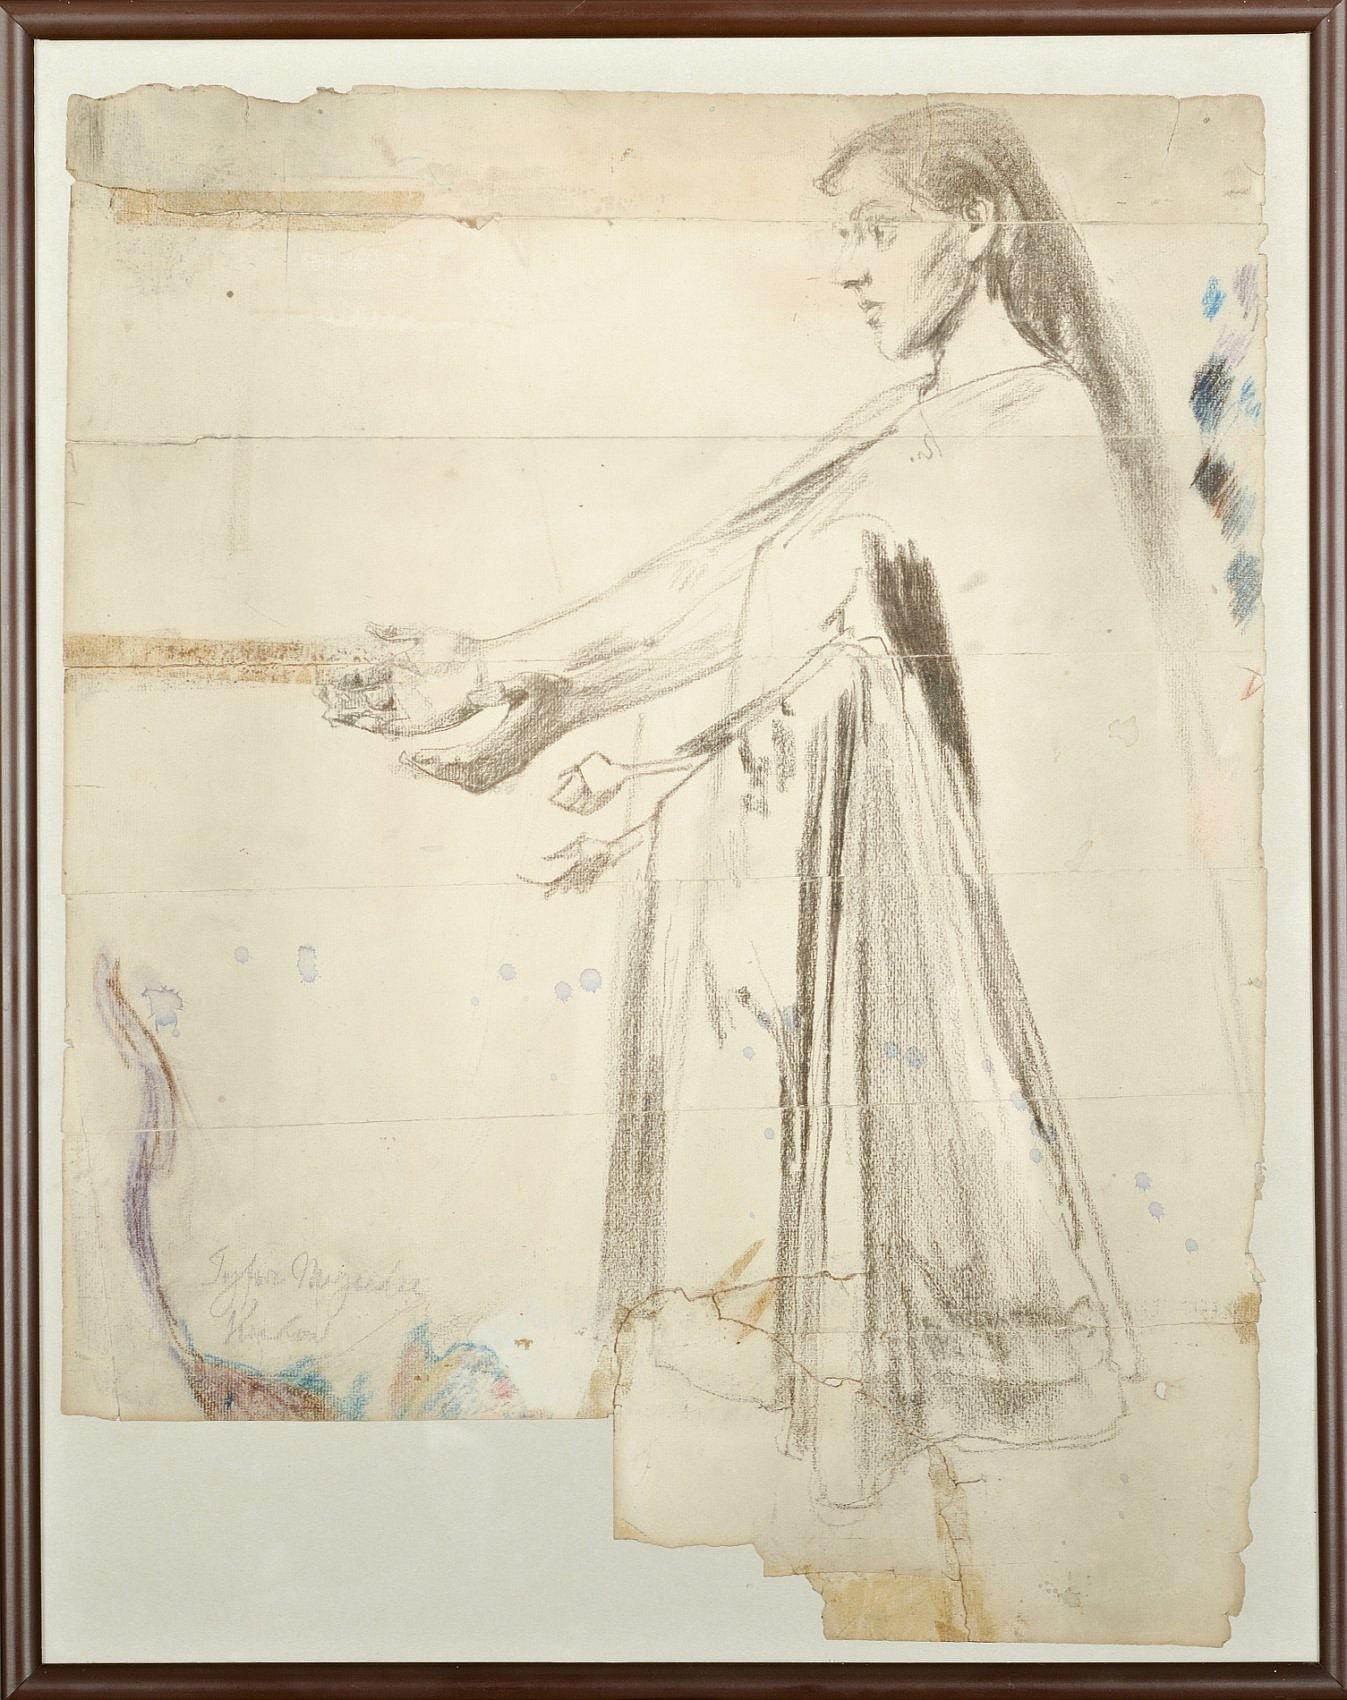 Szkic postaci Matki Bożej do polichromii tryforiów w kościele Mariackim w Krakowie, 1892-1895